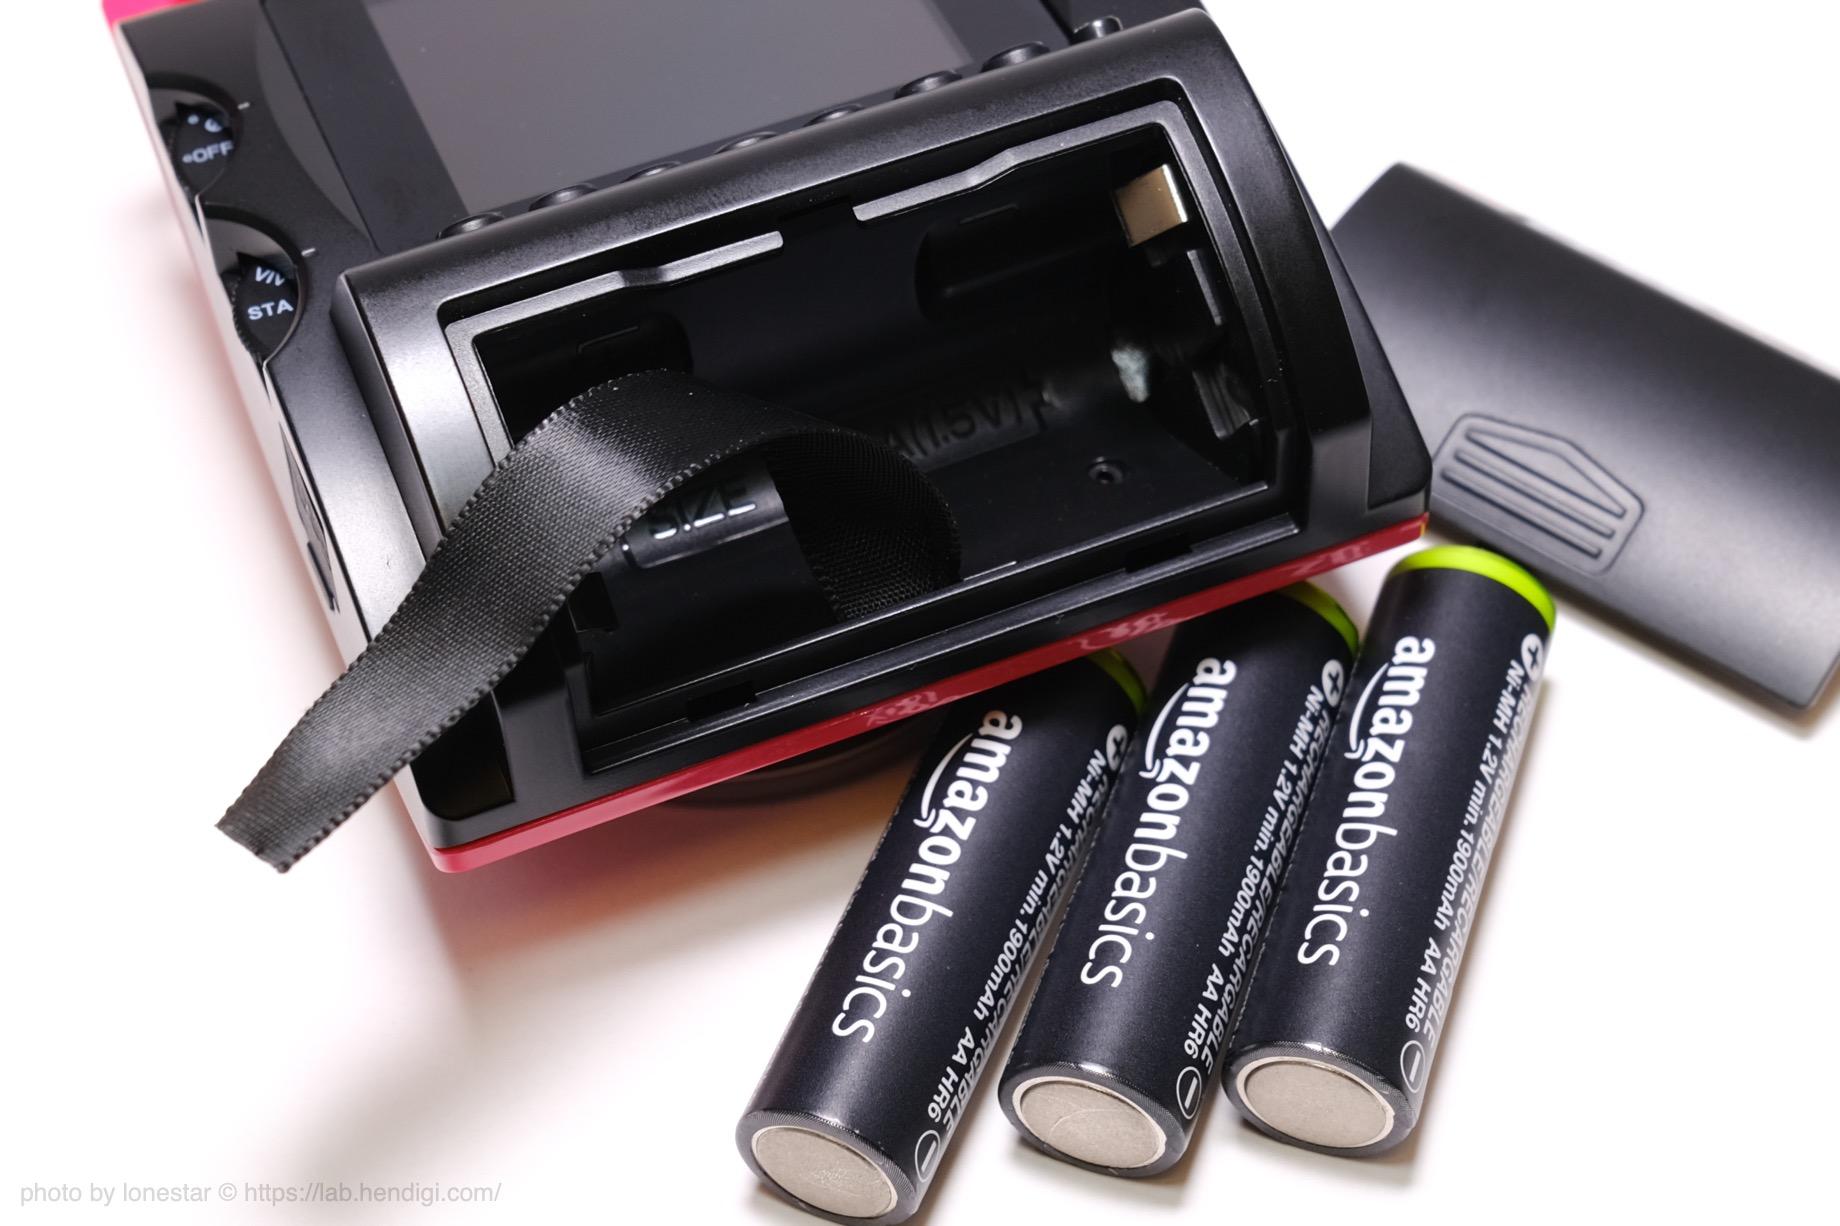 BONZART ZIEGEL 乾電池